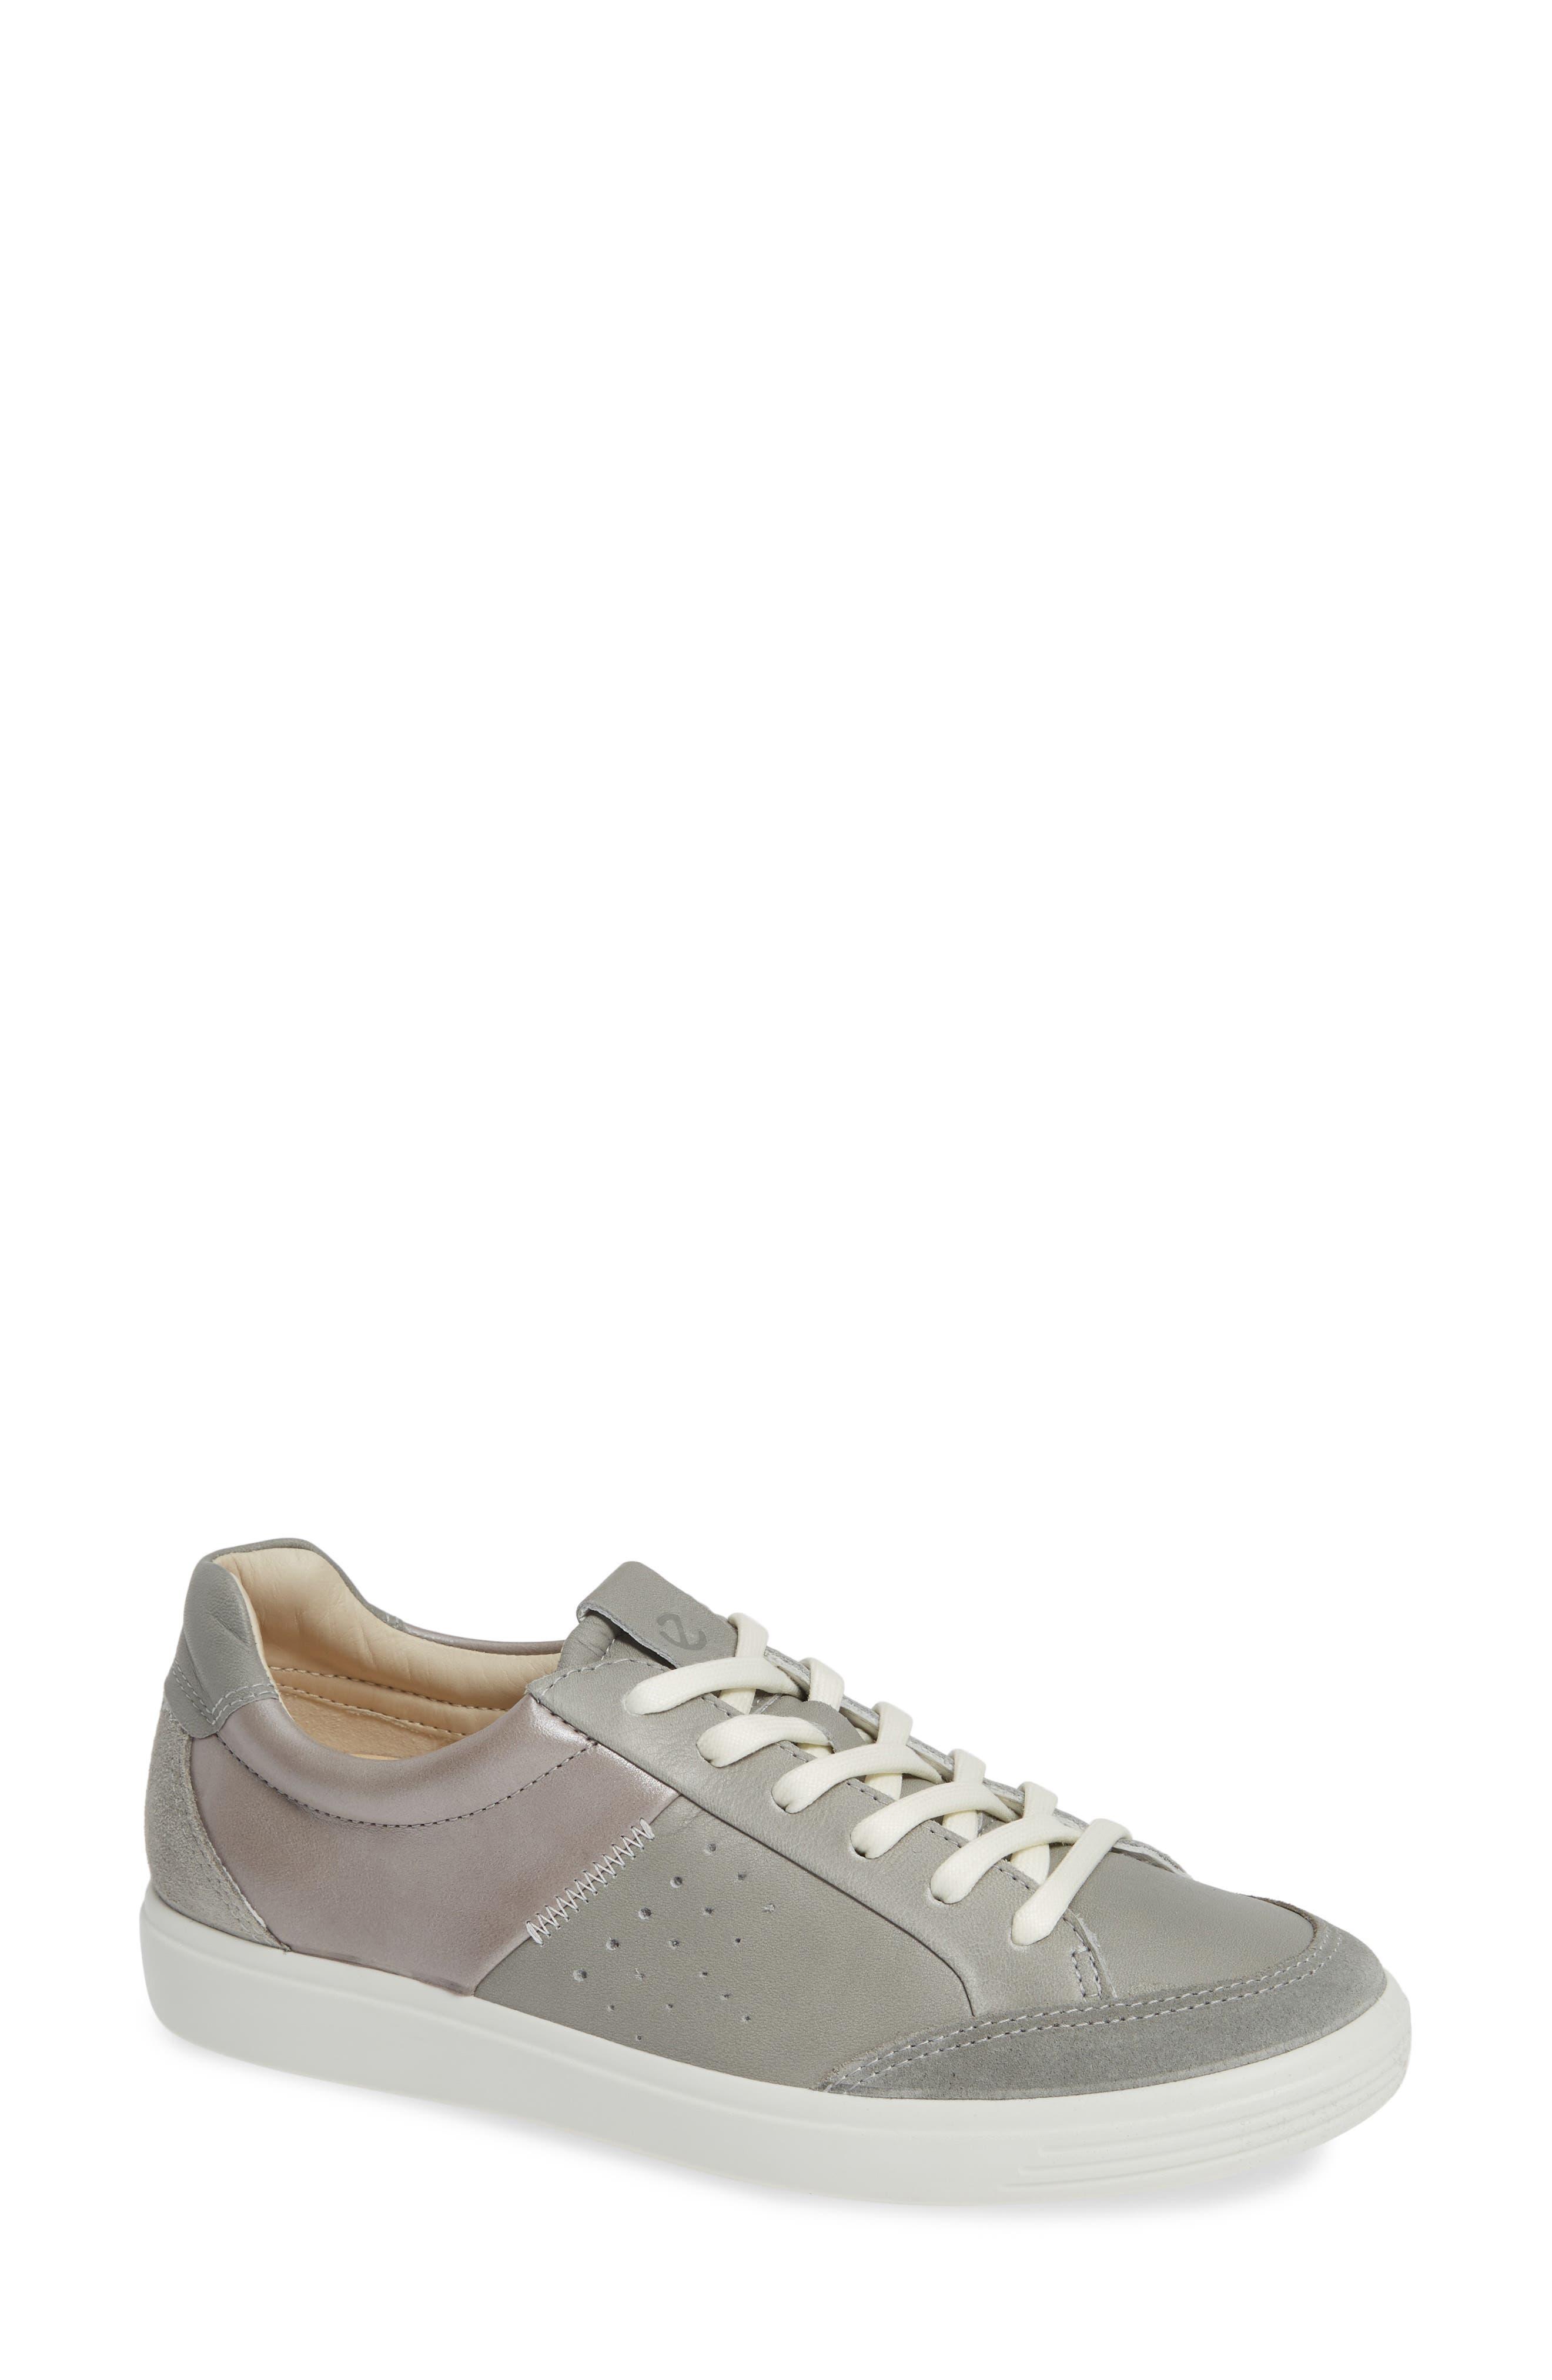 ECCO Soft 7 Leisure Sneaker (Women